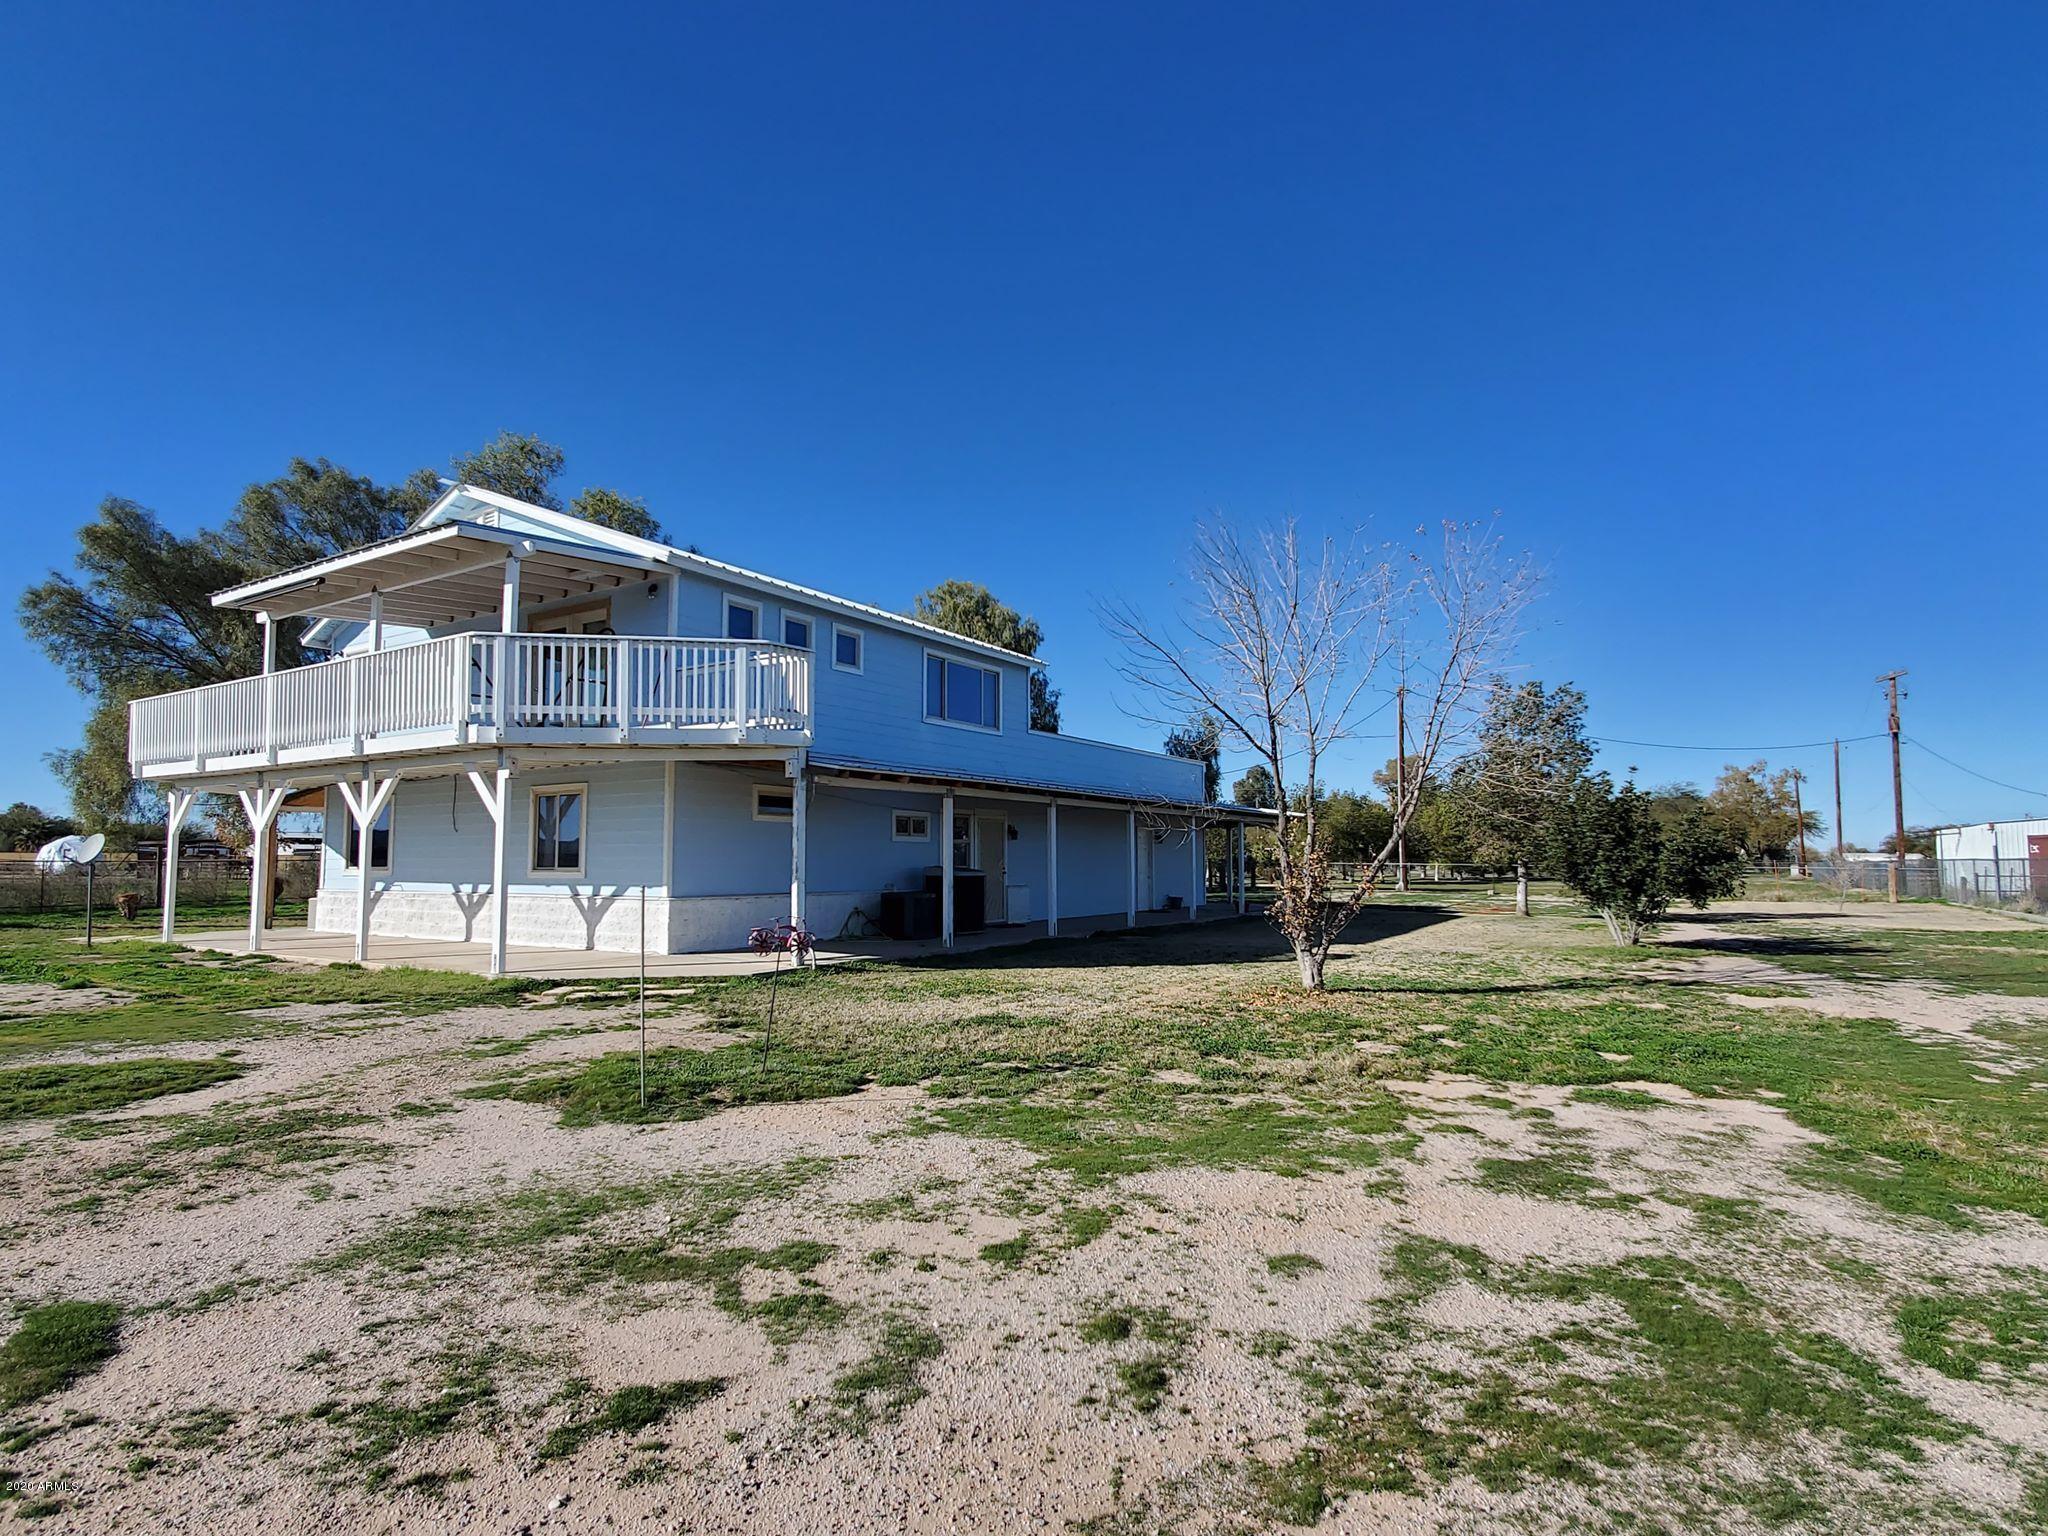 50599 W MAYER Boulevard, Maricopa, Arizona 85139, 4 Bedrooms Bedrooms, ,Residential,For Sale,50599 W MAYER Boulevard,6018342